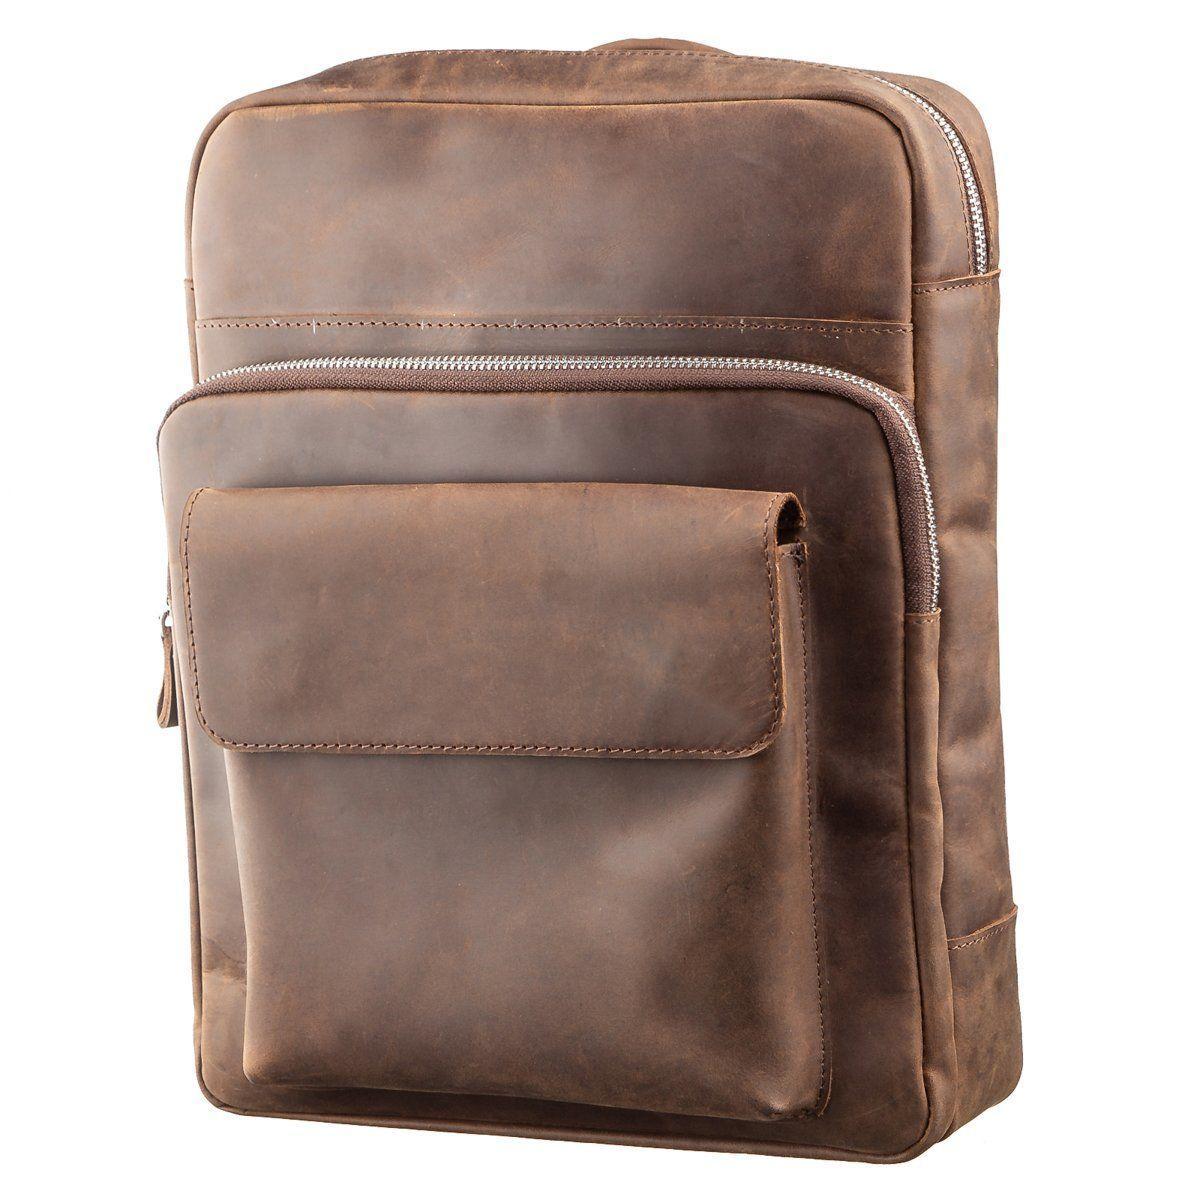 Рюкзак унісекс з матової шкіри в коричневому кольорі SHVIGEL 11175